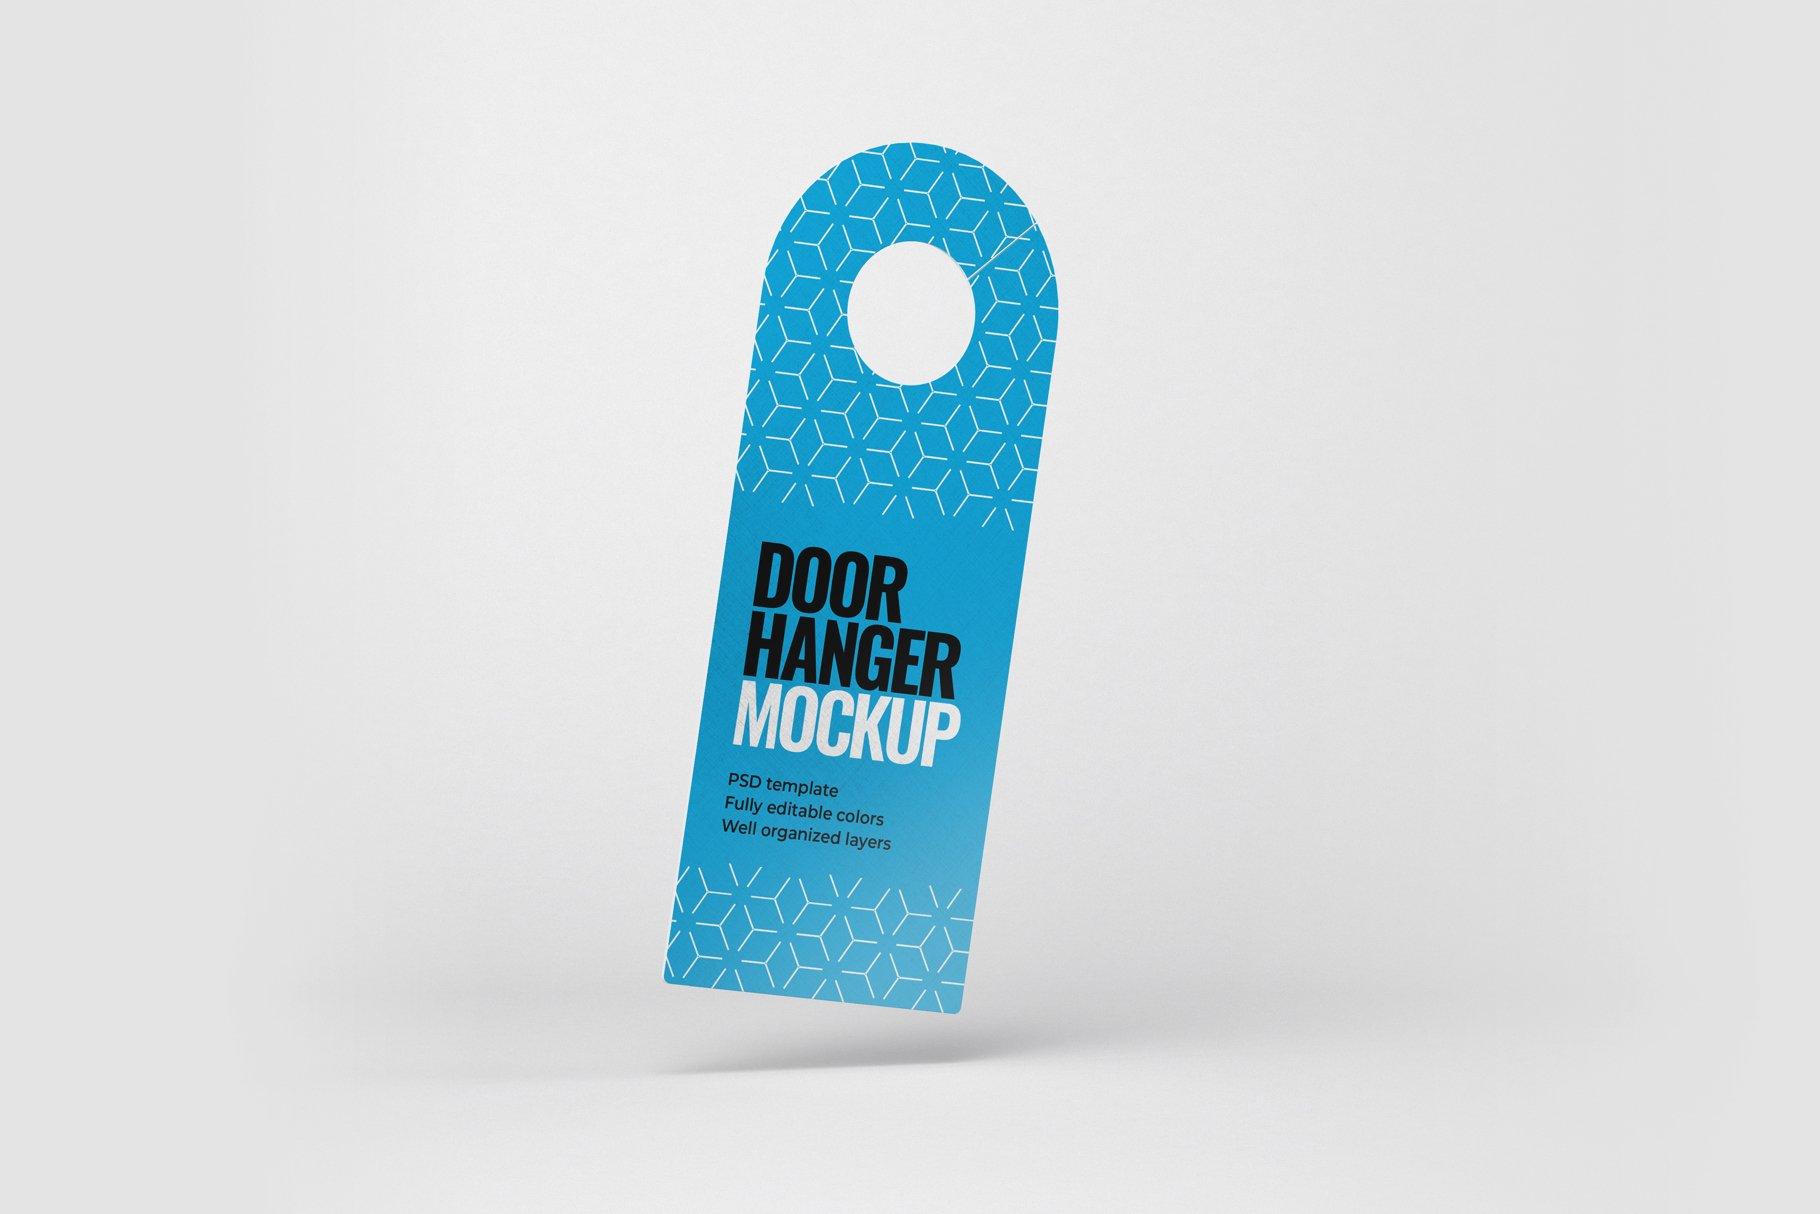 酒店门把手吊牌设计展示样机模板 Door Hanger Mockup Set插图(1)